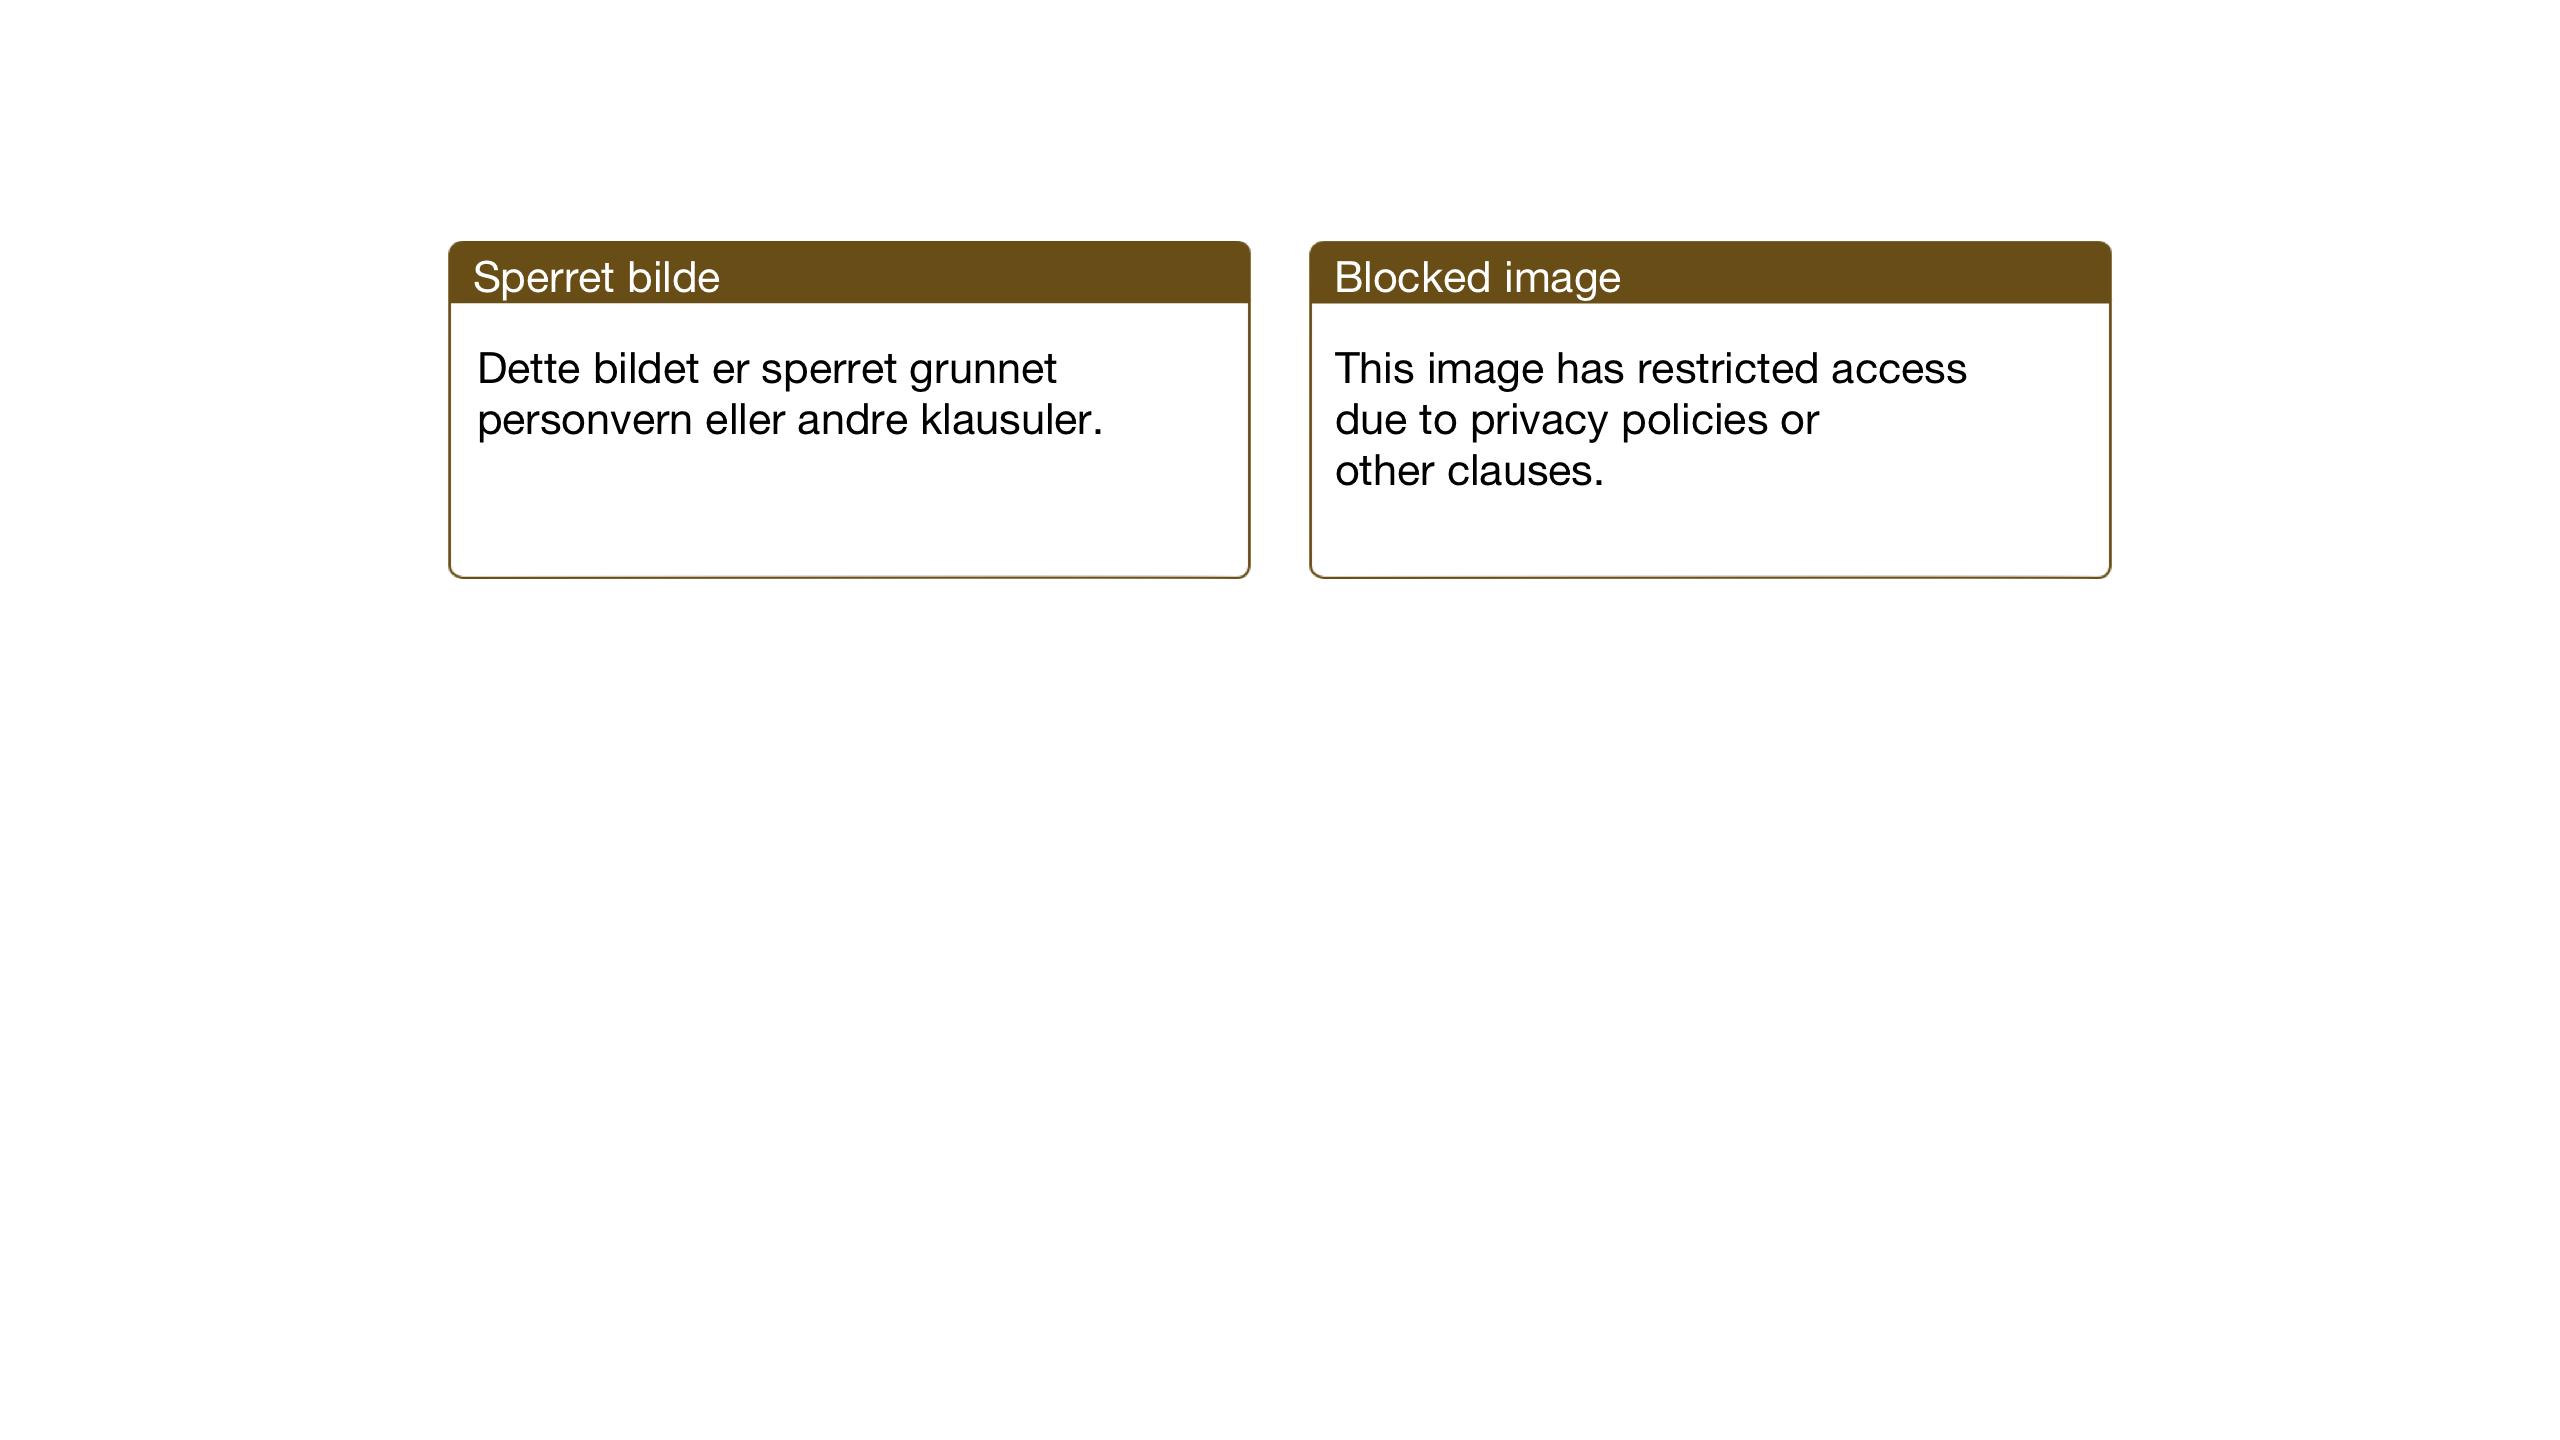 SAT, Ministerialprotokoller, klokkerbøker og fødselsregistre - Sør-Trøndelag, 618/L0454: Klokkerbok nr. 618C05, 1926-1946, s. 72